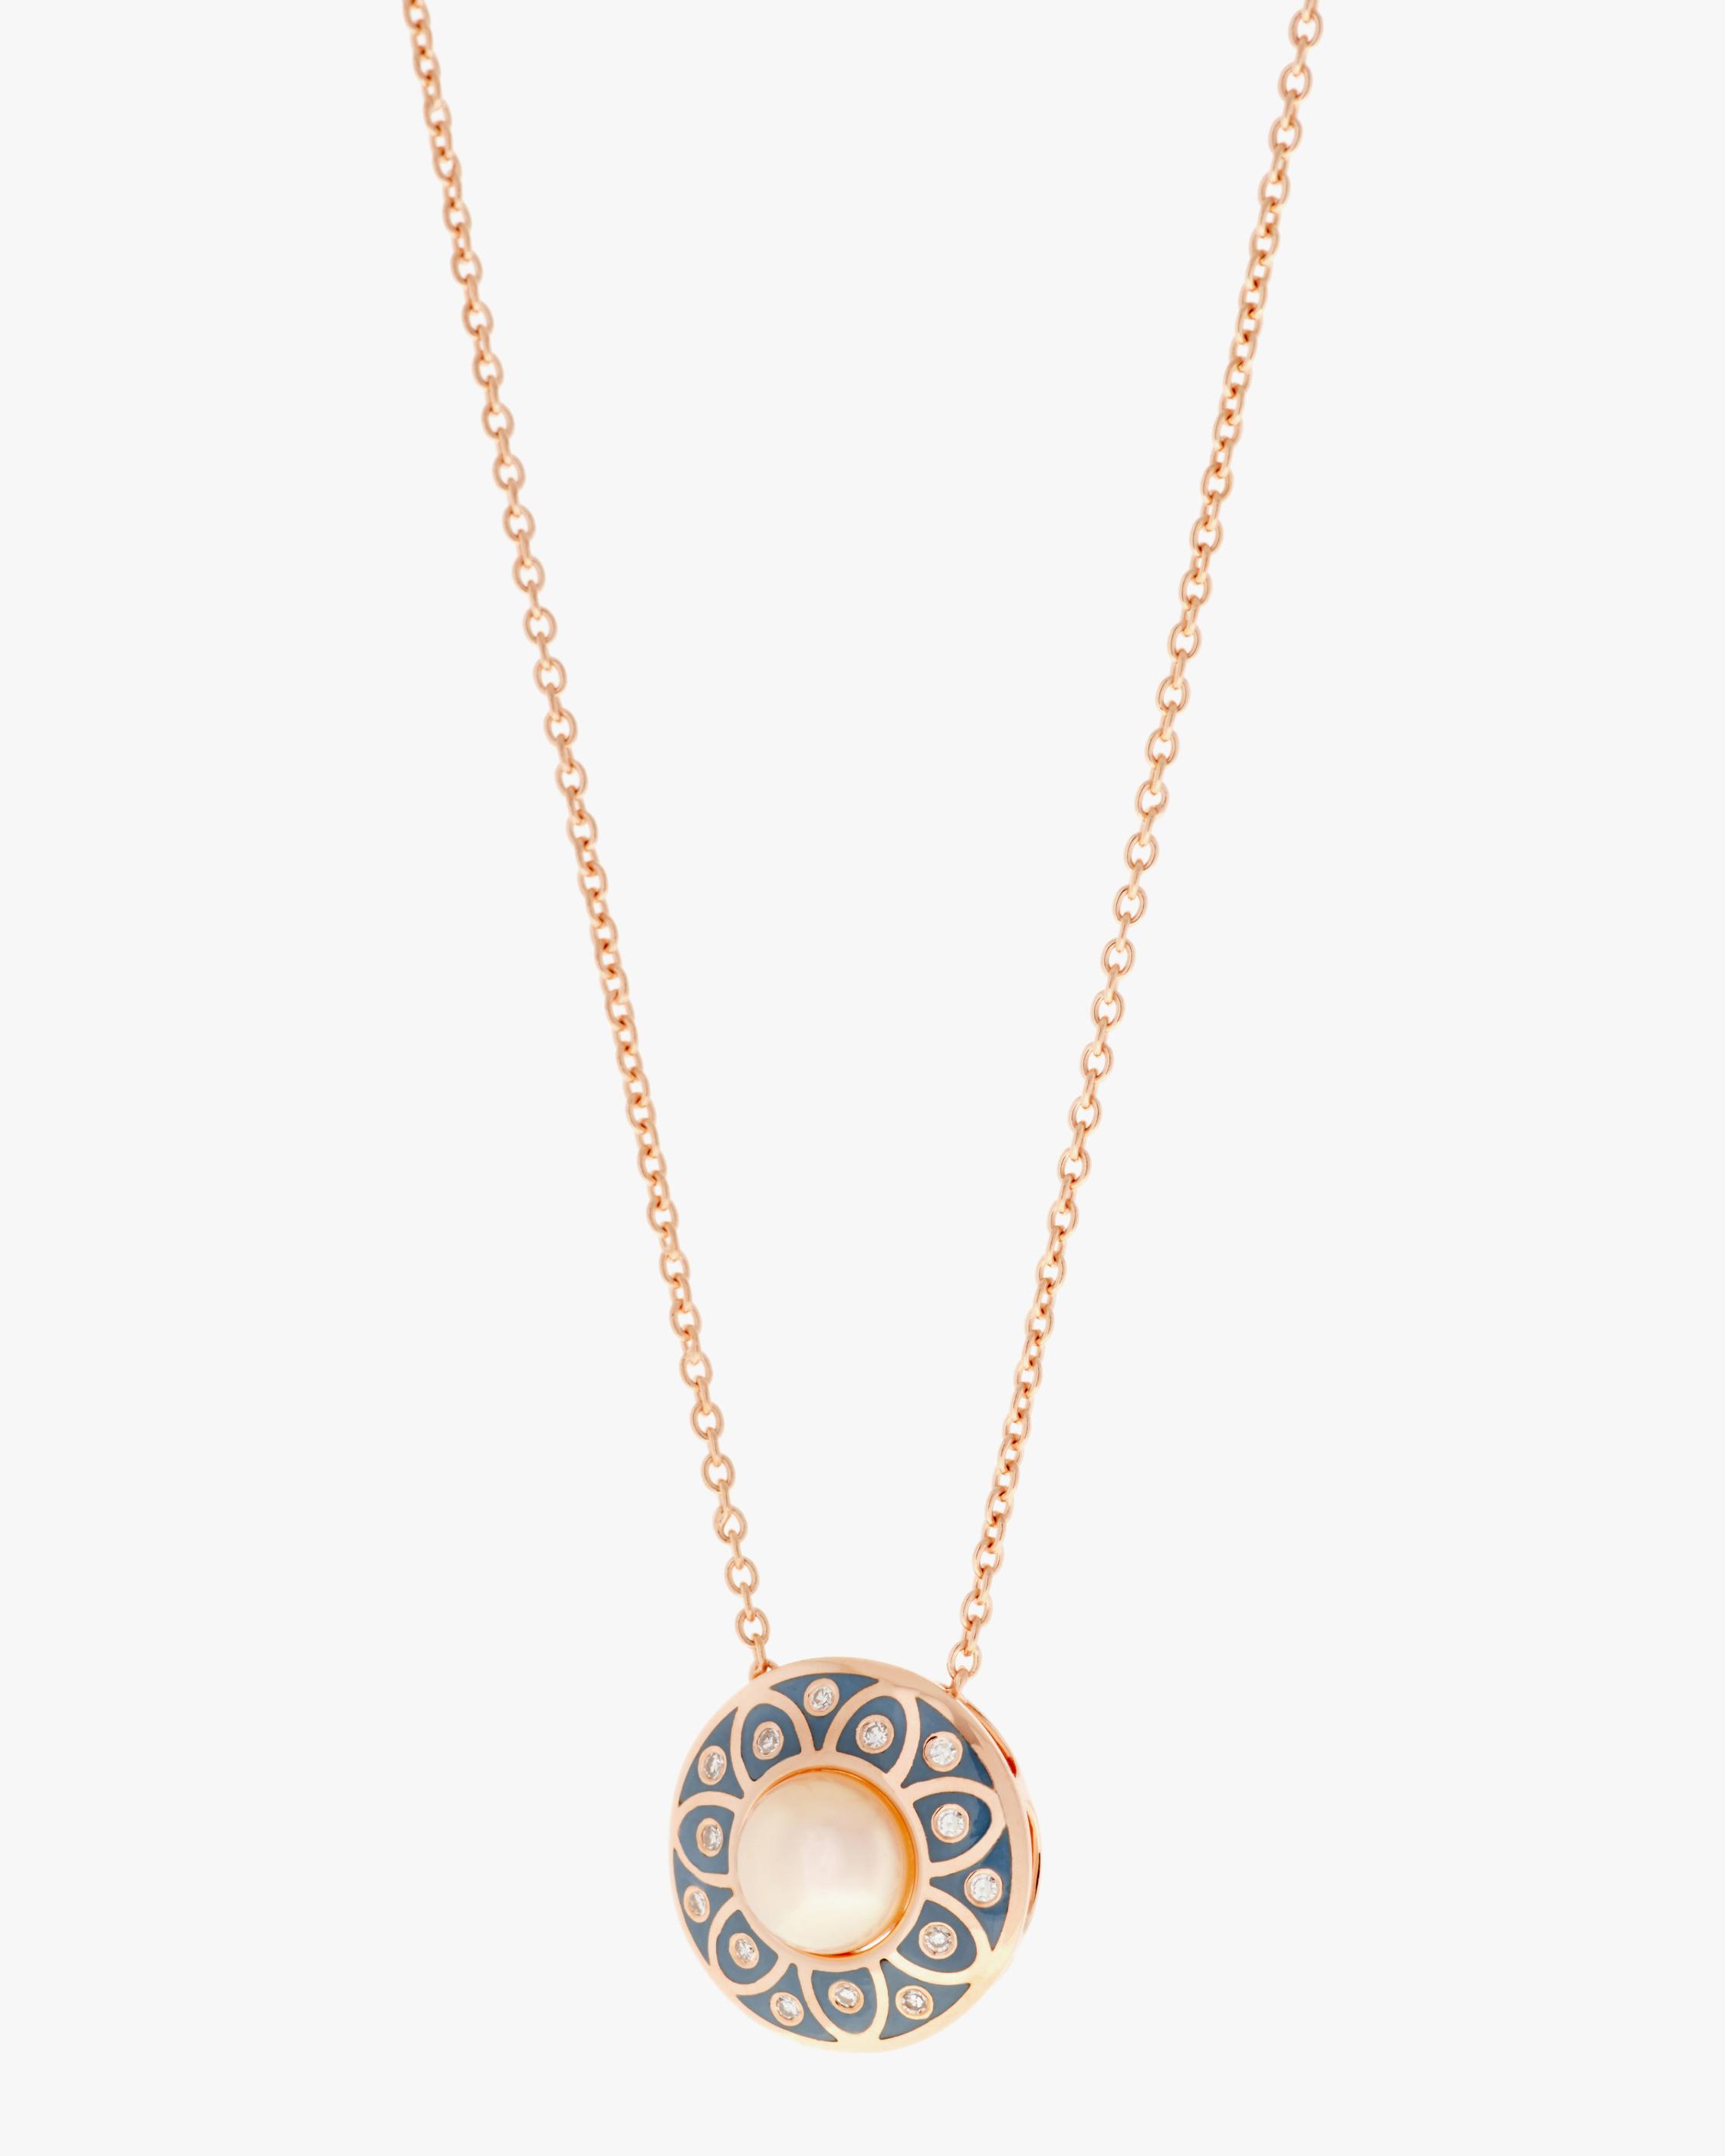 Selim Mouzannar Diamond & Pearl Pendant Necklace 2